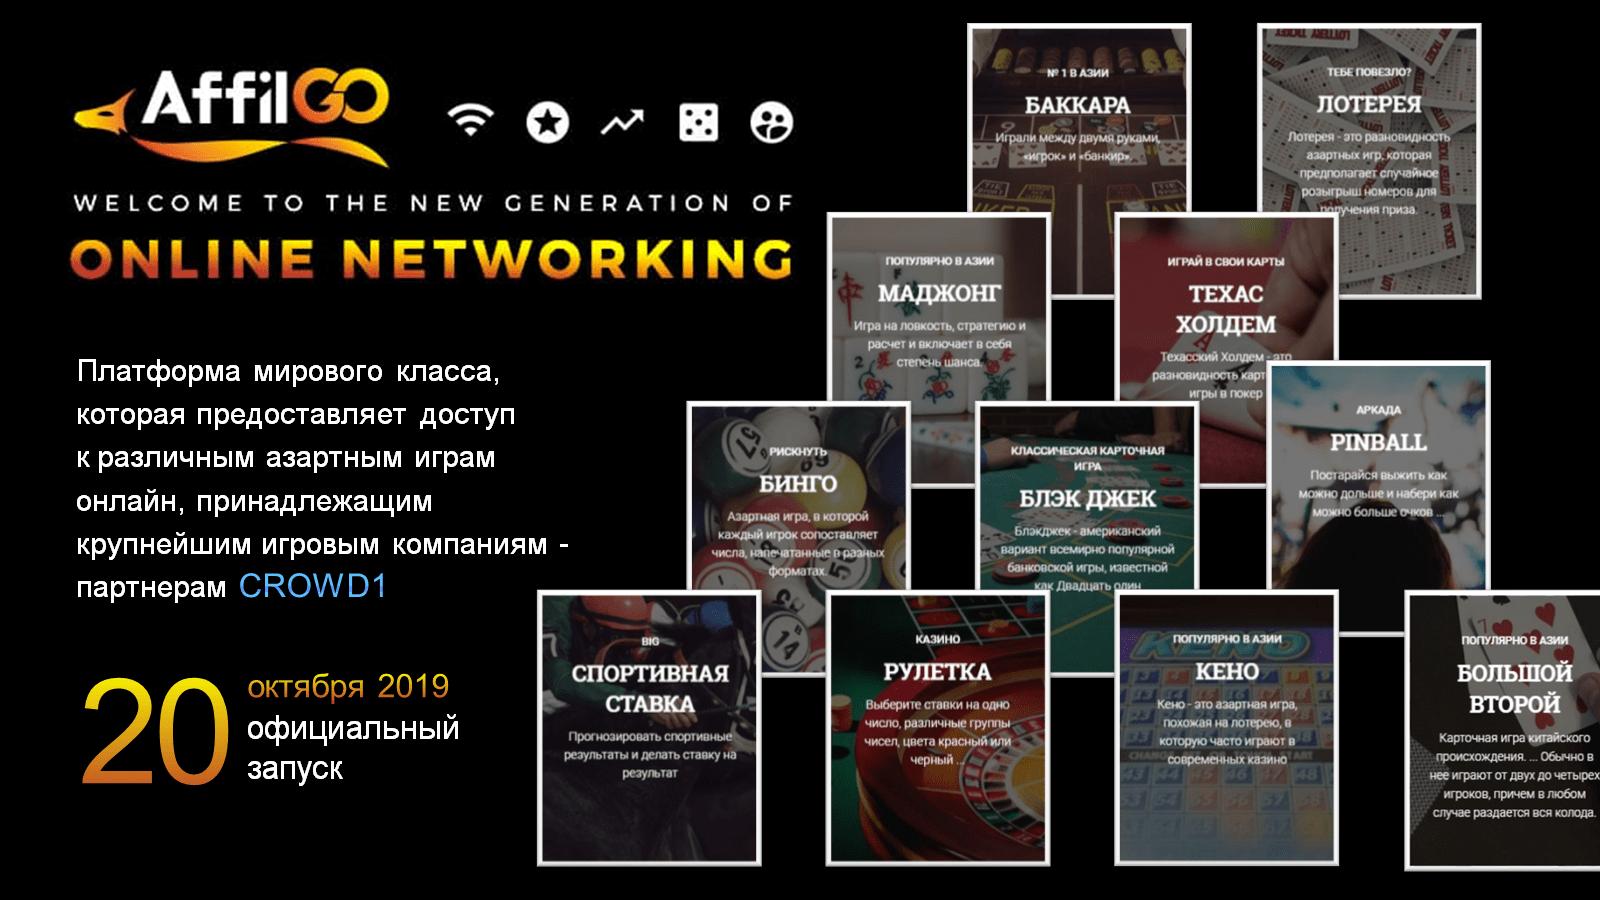 Партнёрская сеть AffilGO, в проекте CROWD 1